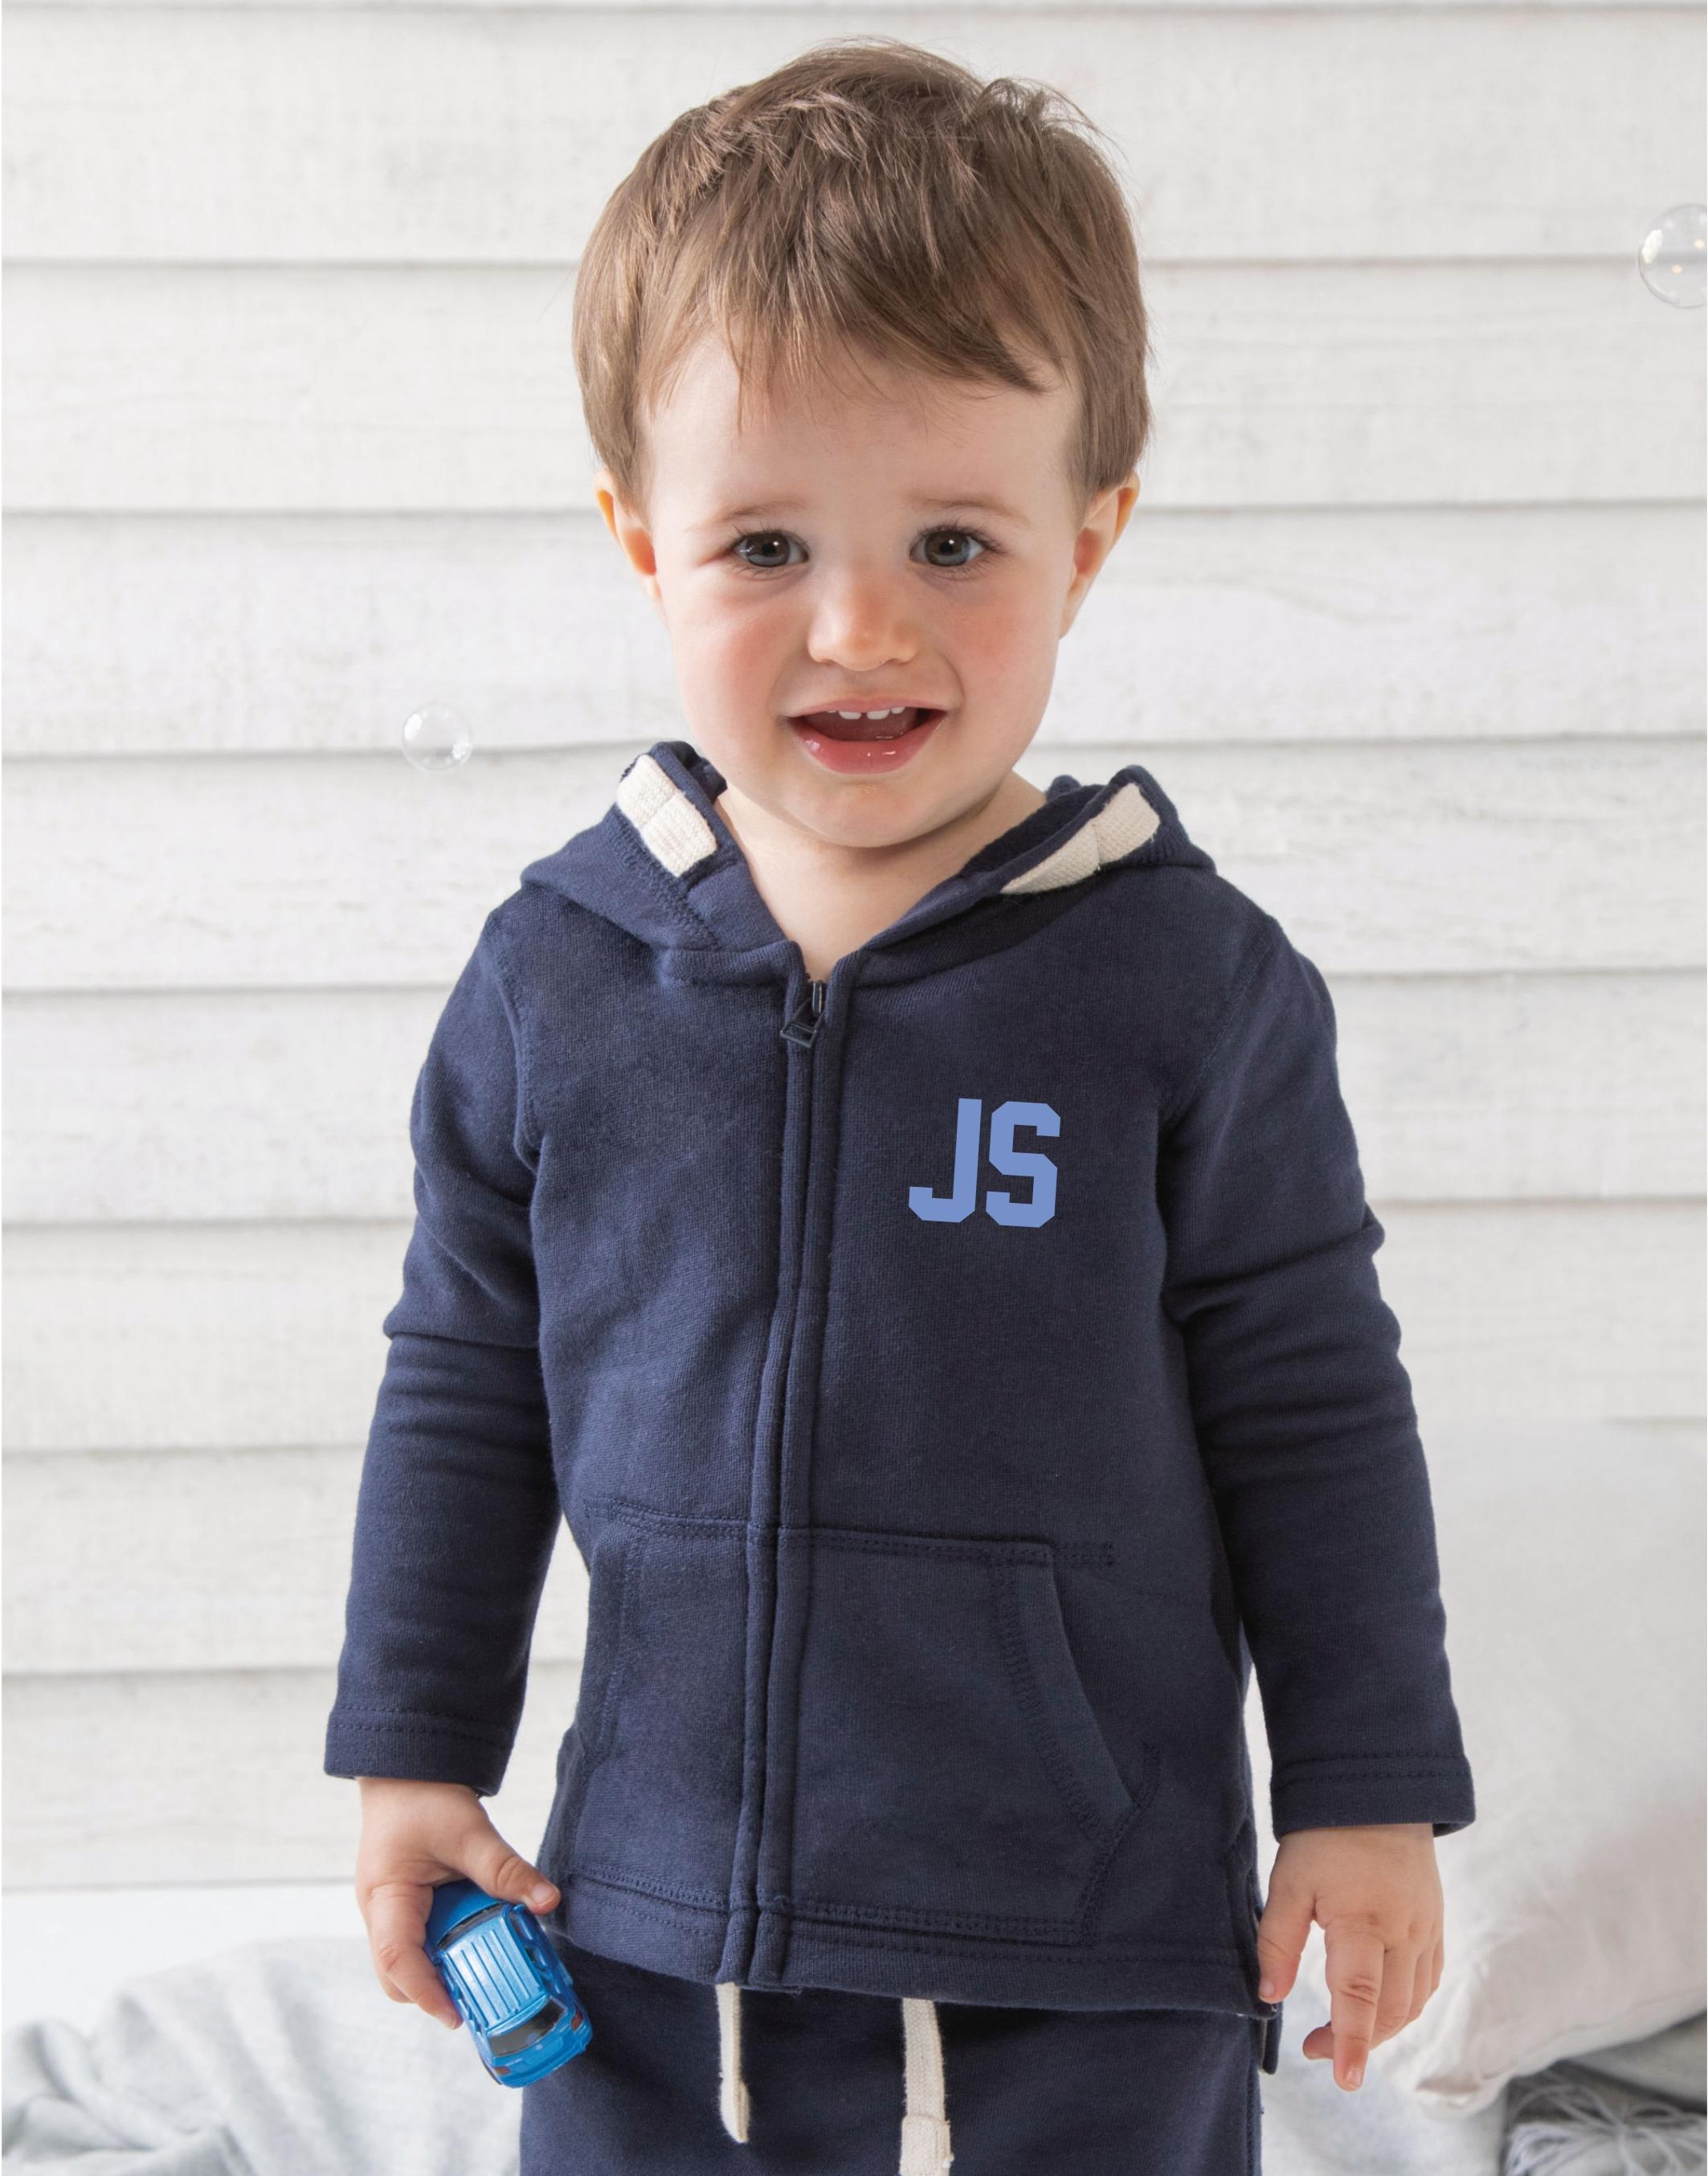 Personalised Hoodies for Babies